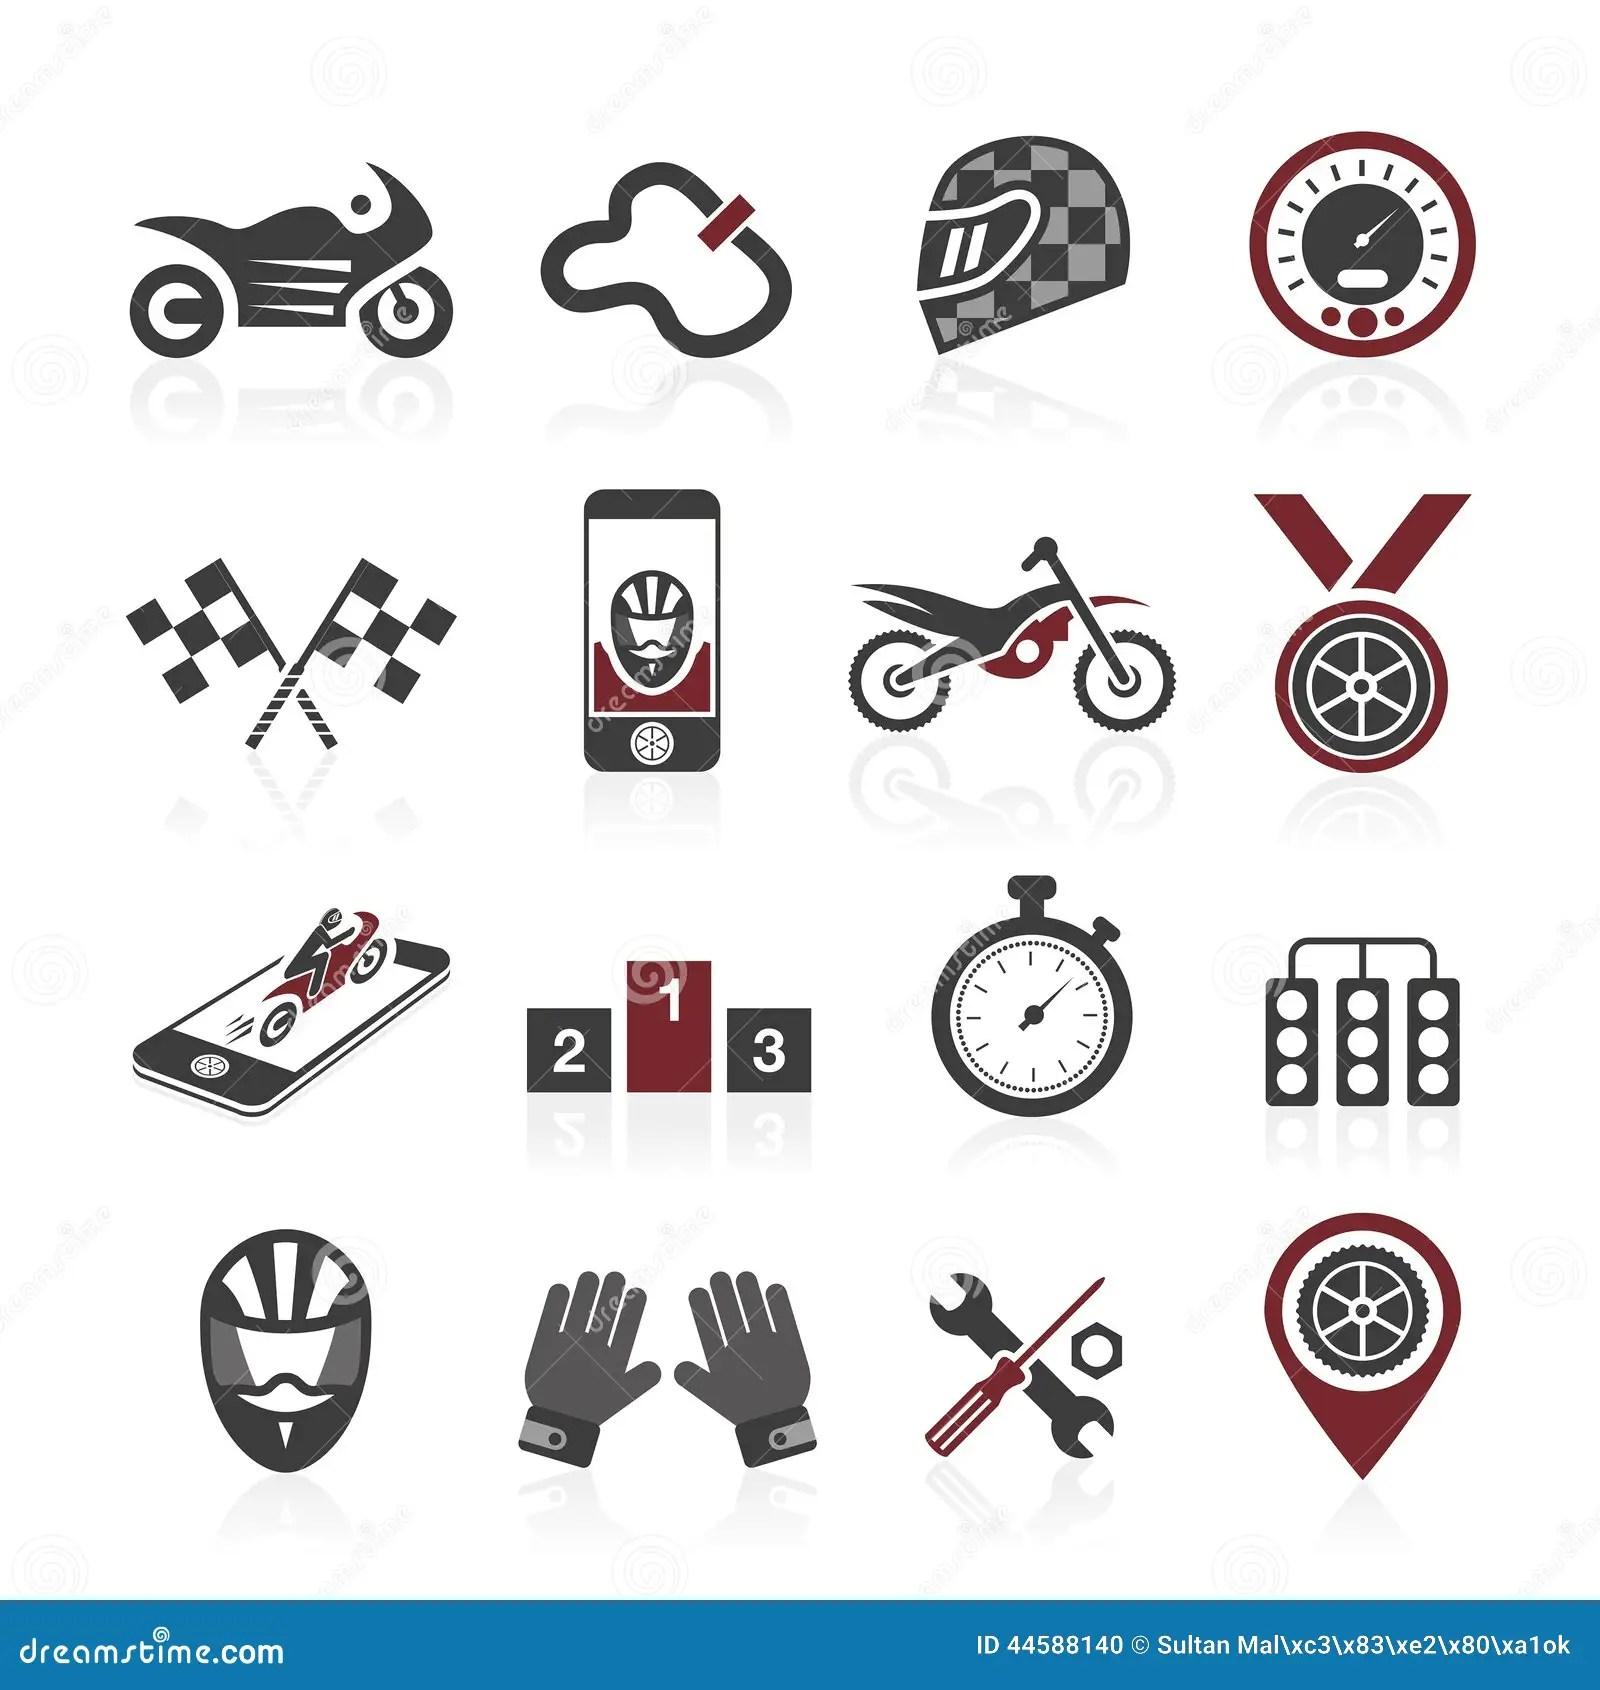 Motorcycle Racing Icon Set